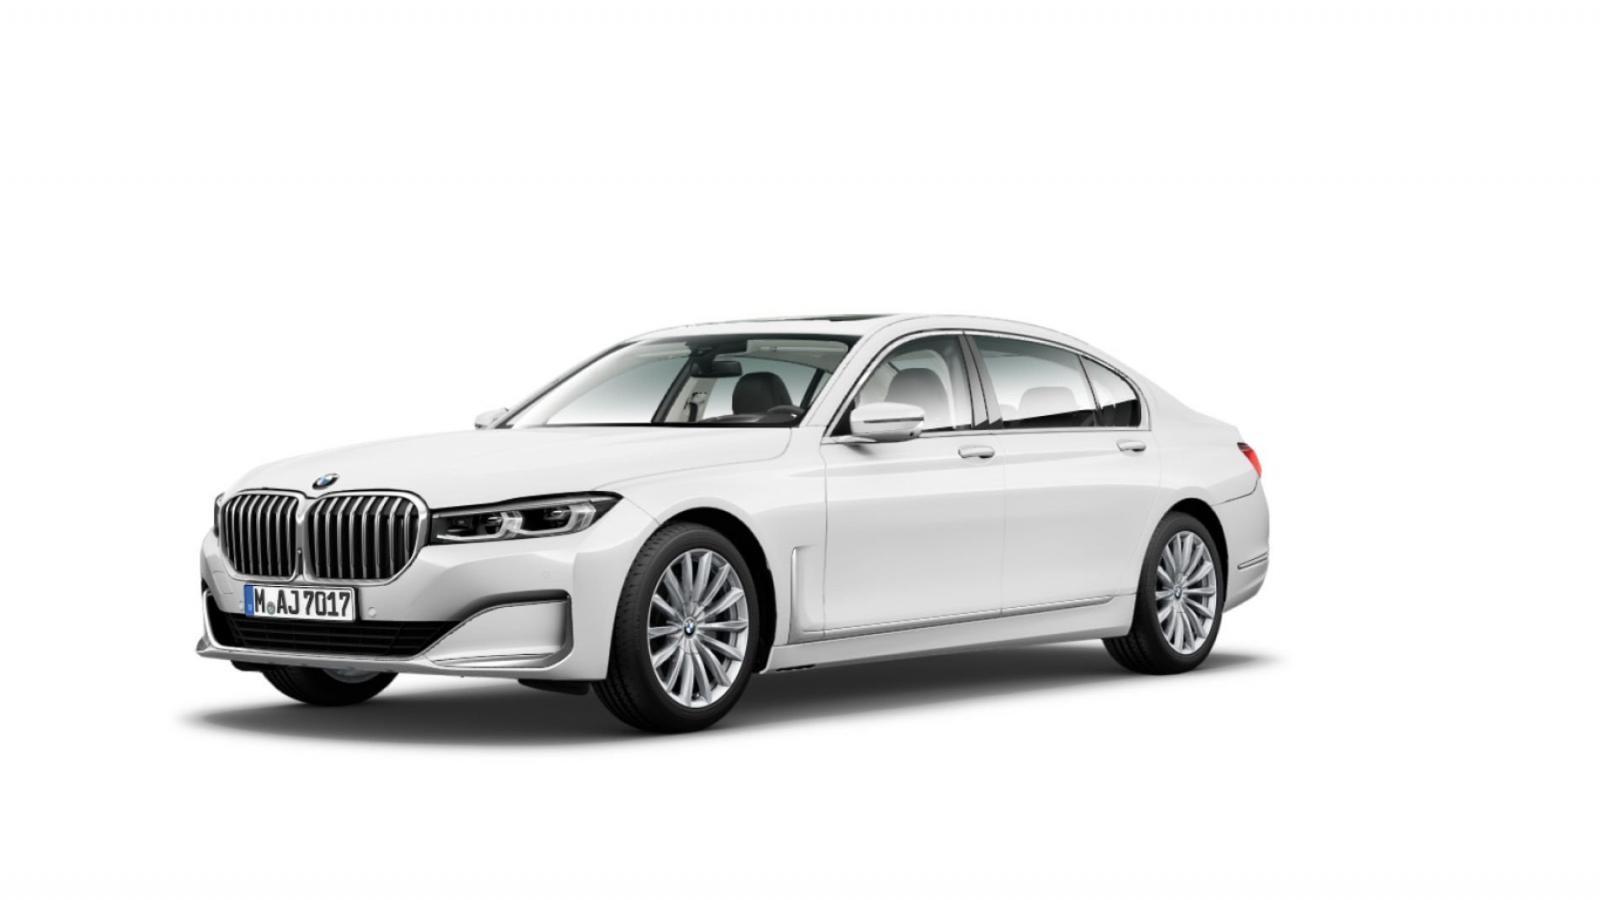 Hình ảnh trong cấu hình trực tuyến của BMW 7-Series thế hệ mới